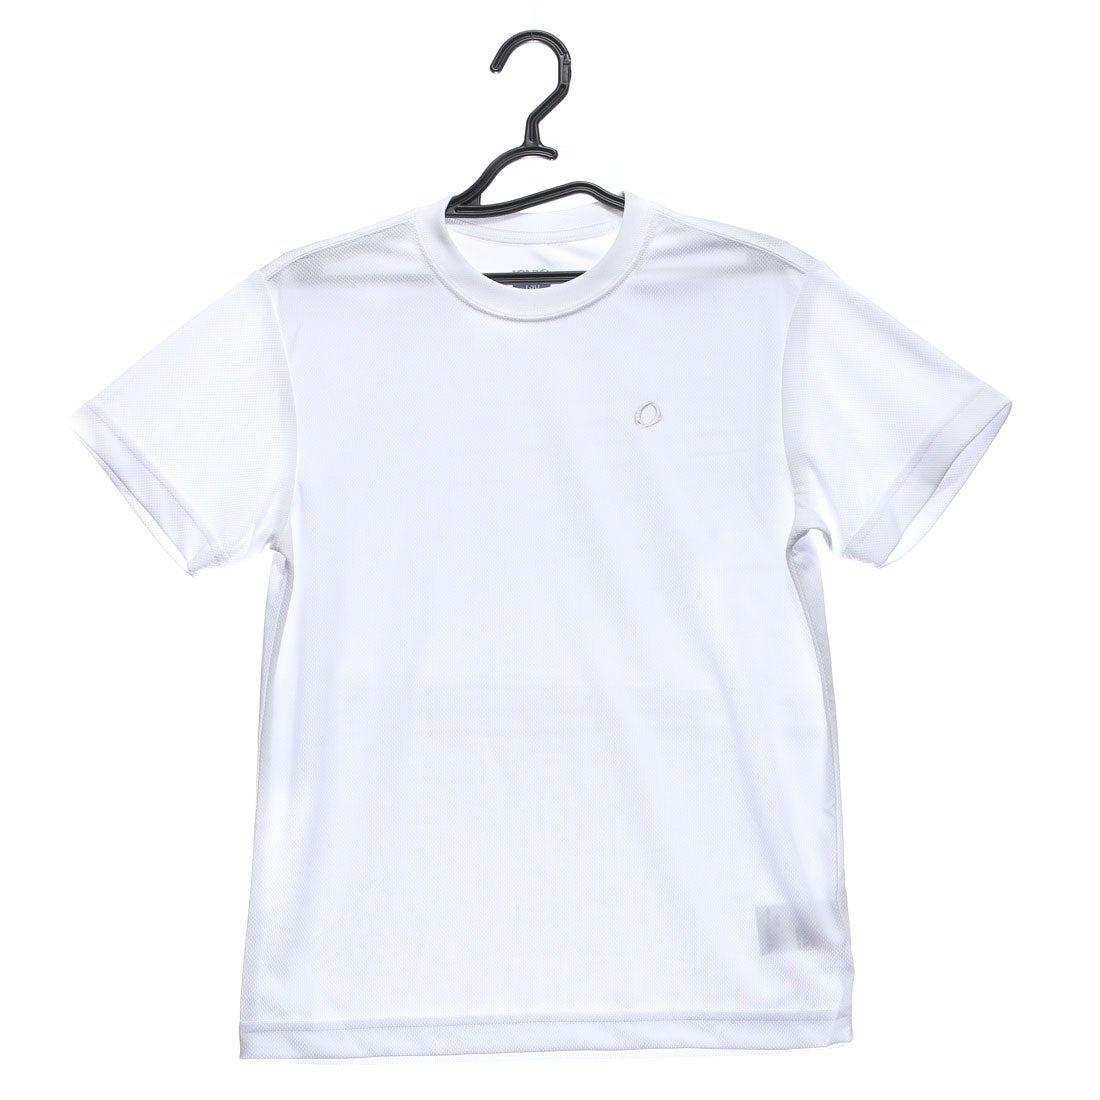 イグニオ IGNIO ジュニアバスケットボールシャツ IG-8KW4004TS ホワイト (ホワイト)